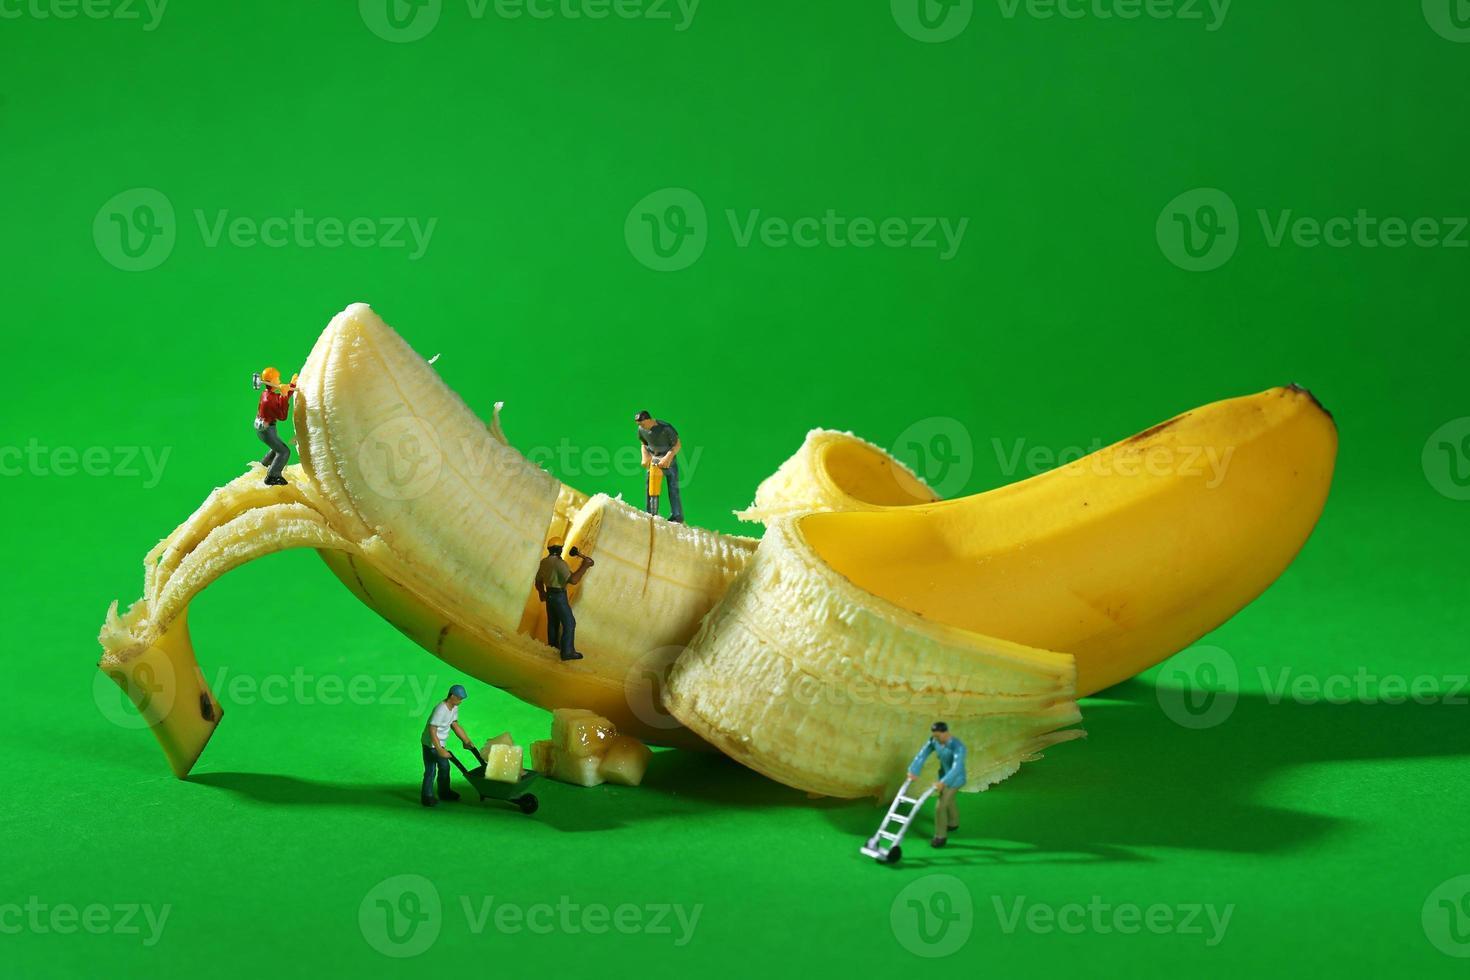 lavoratori edili in immagini alimentari concettuali con banana foto